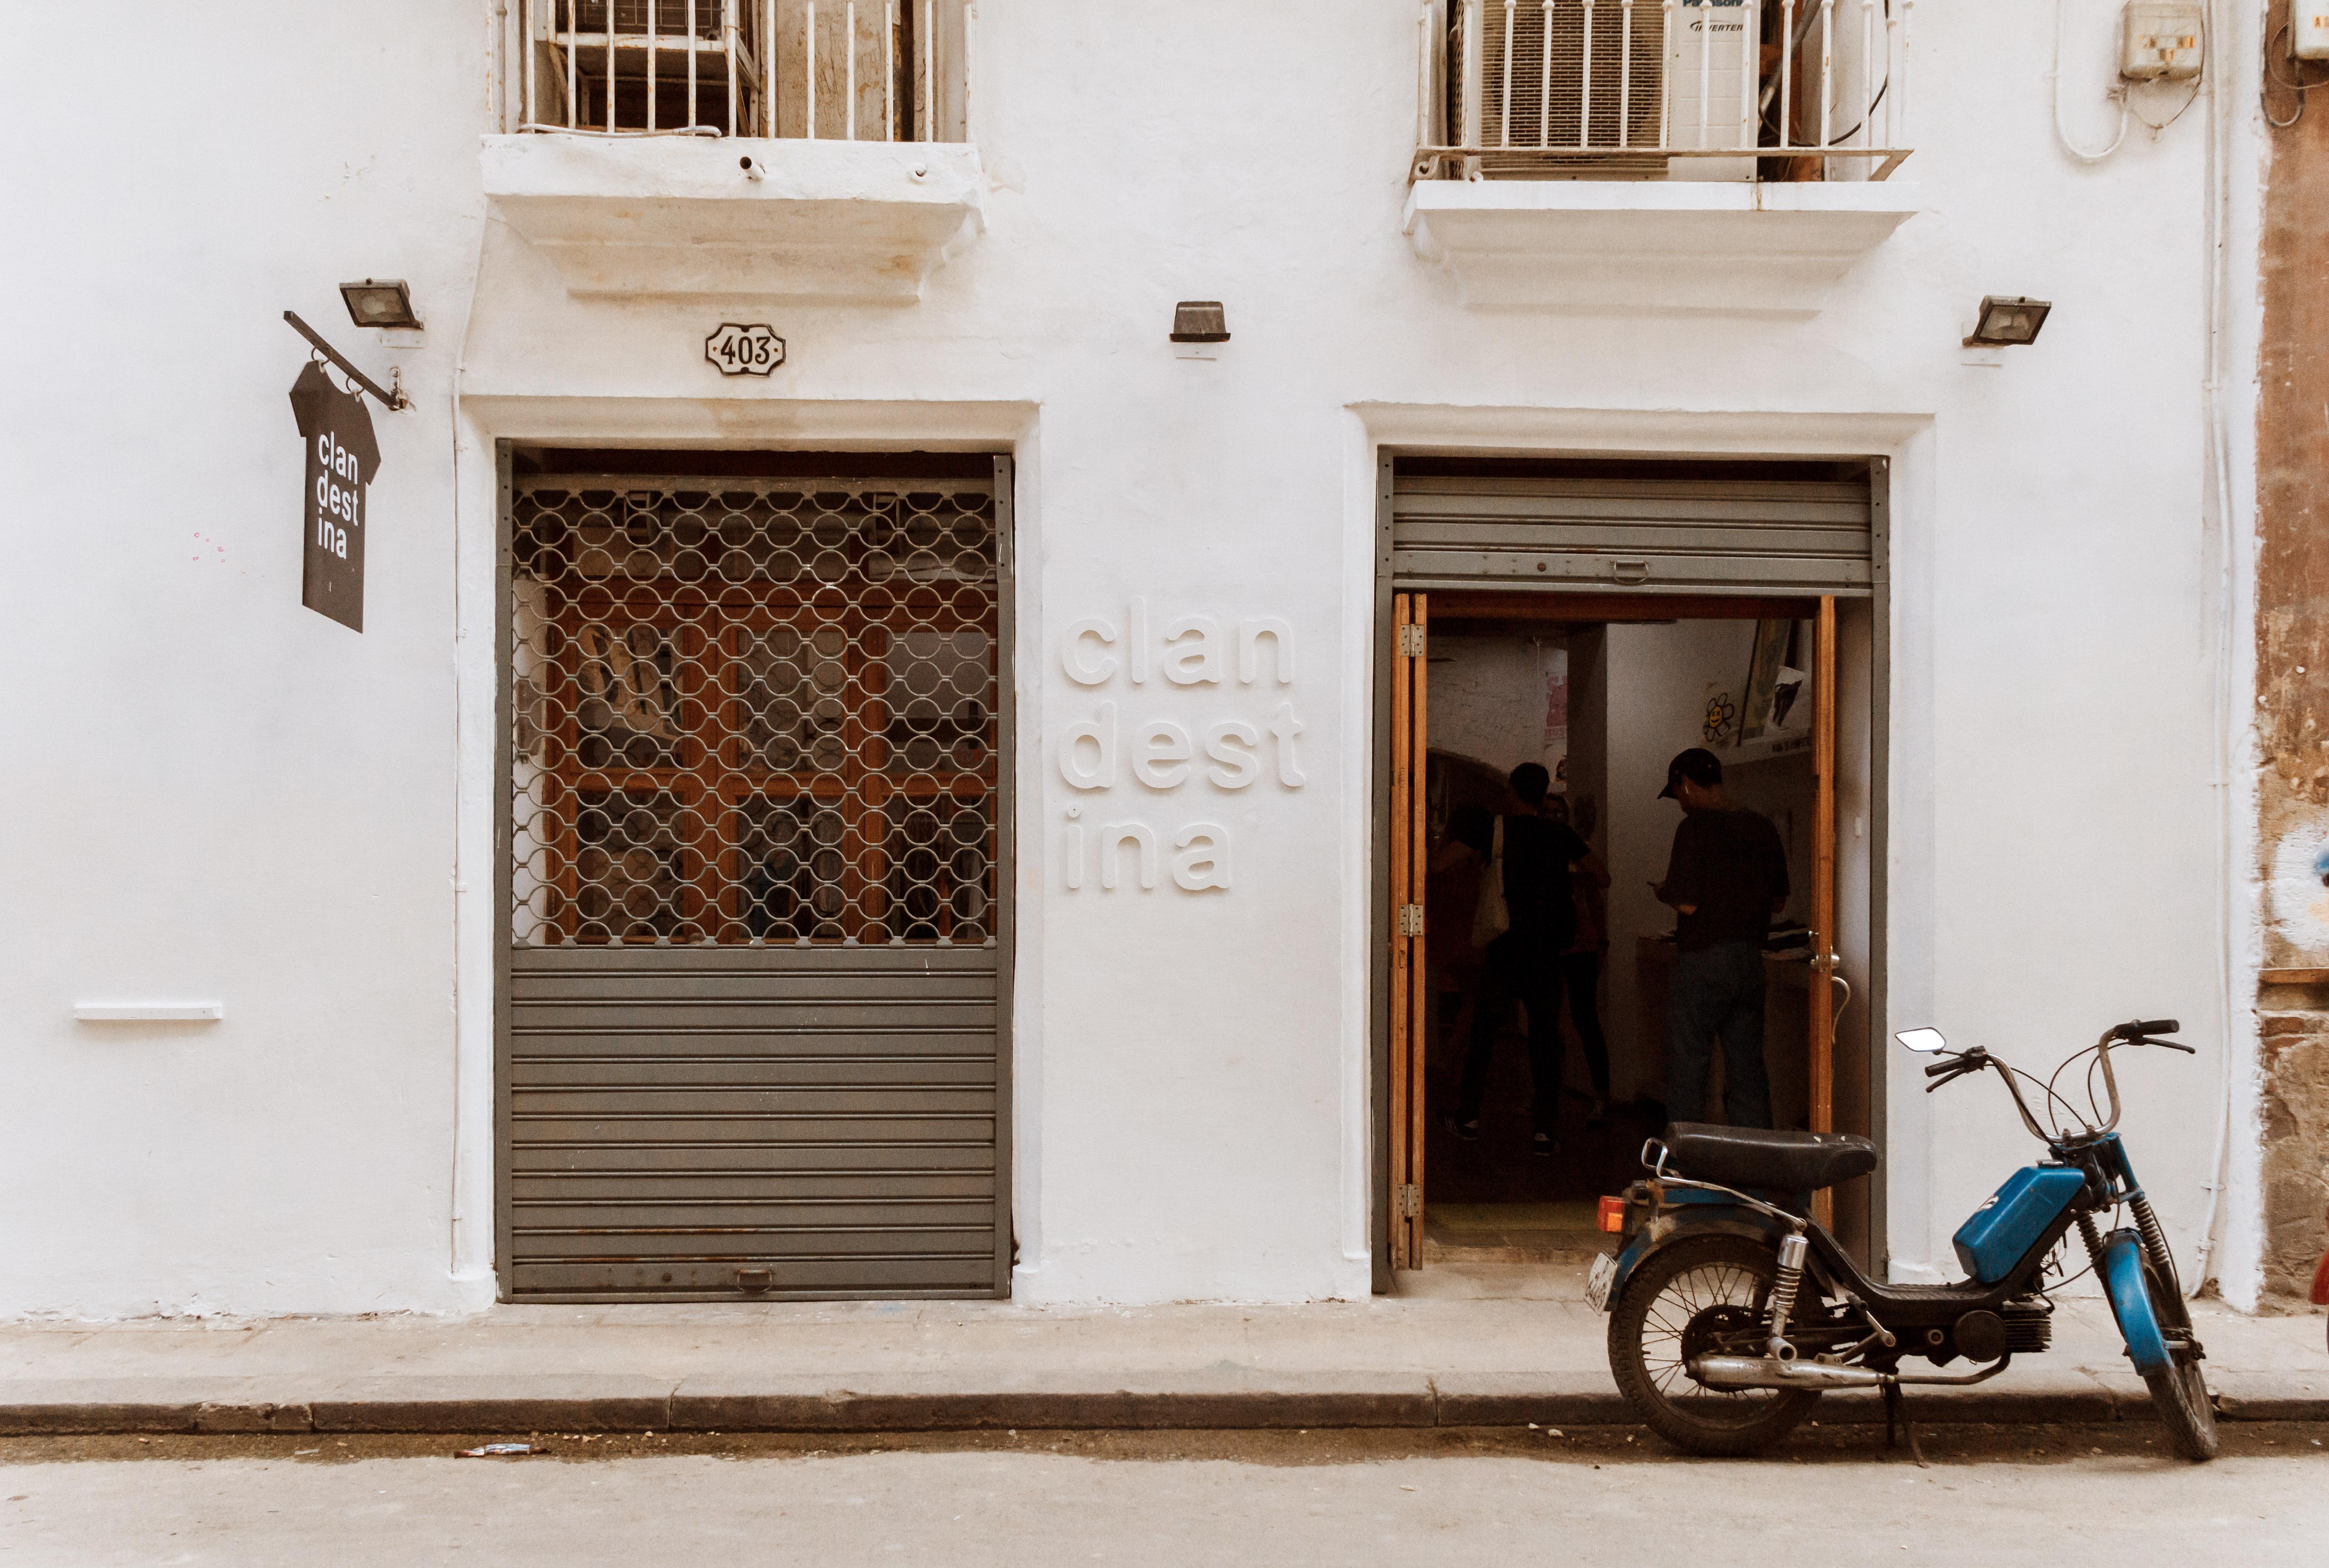 Ein ;ode Geschäft in Havanna Kuba